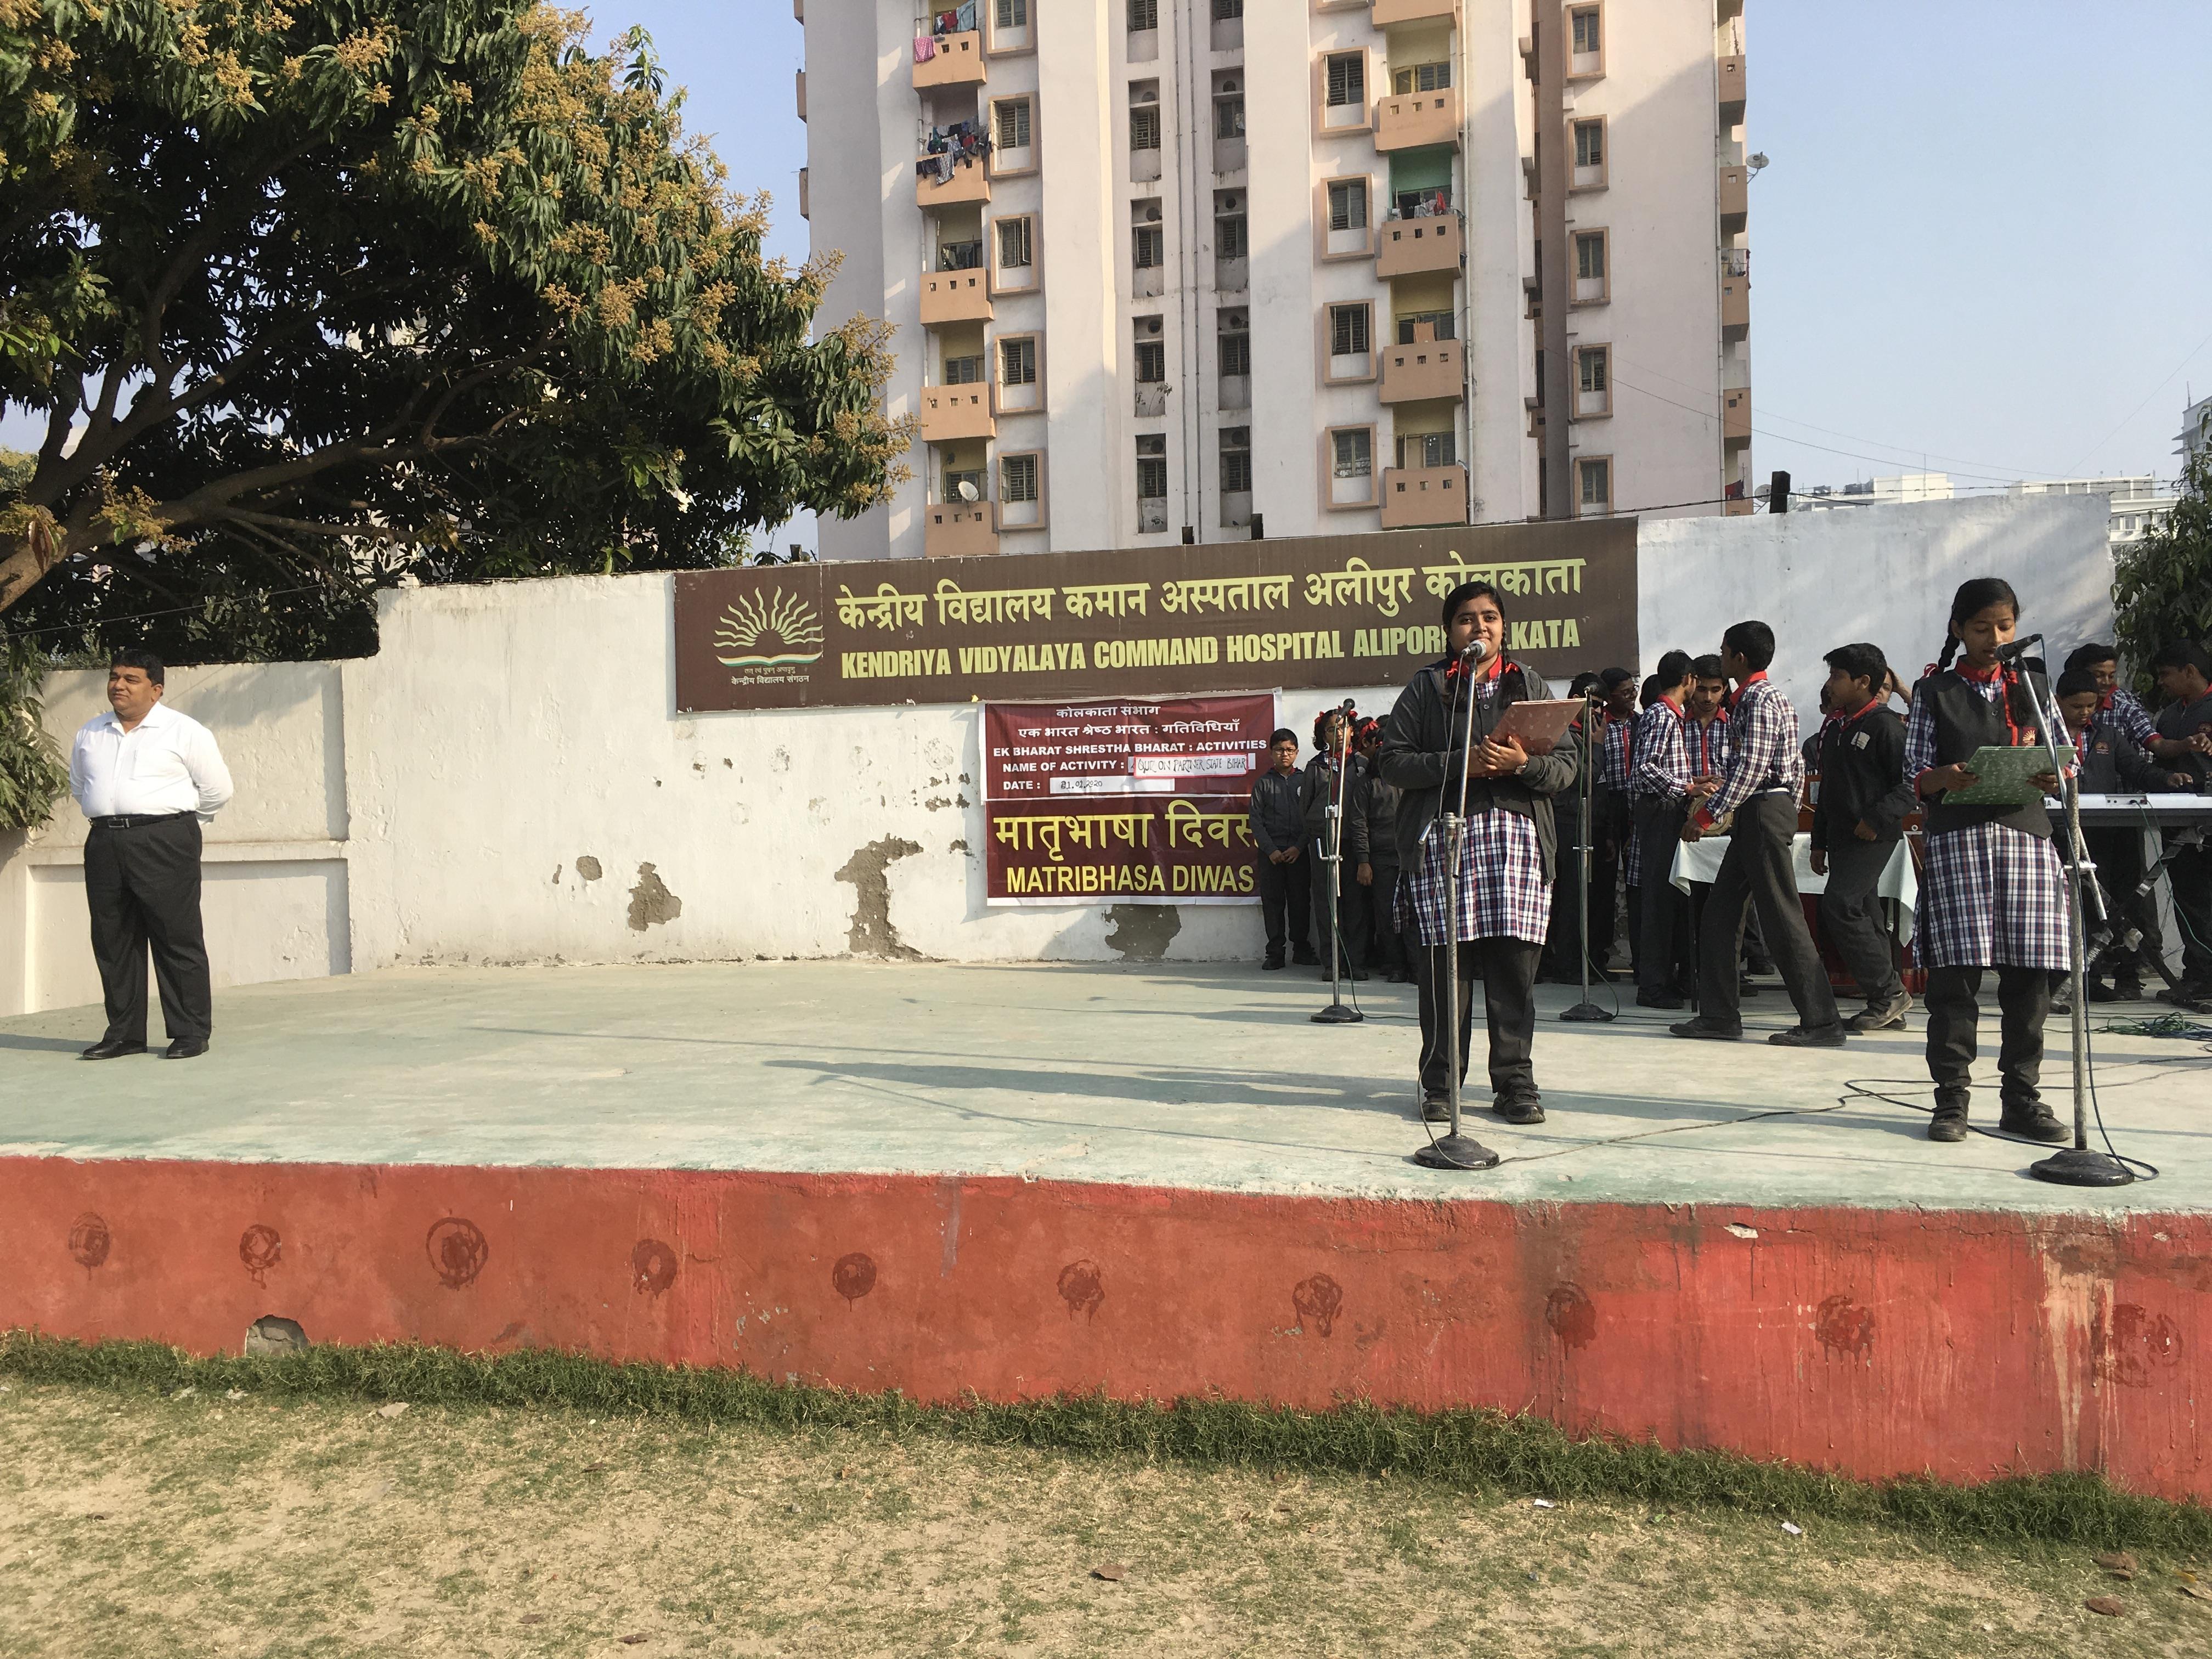 Matribhasha Diwas celebrated at KV Command Hospital